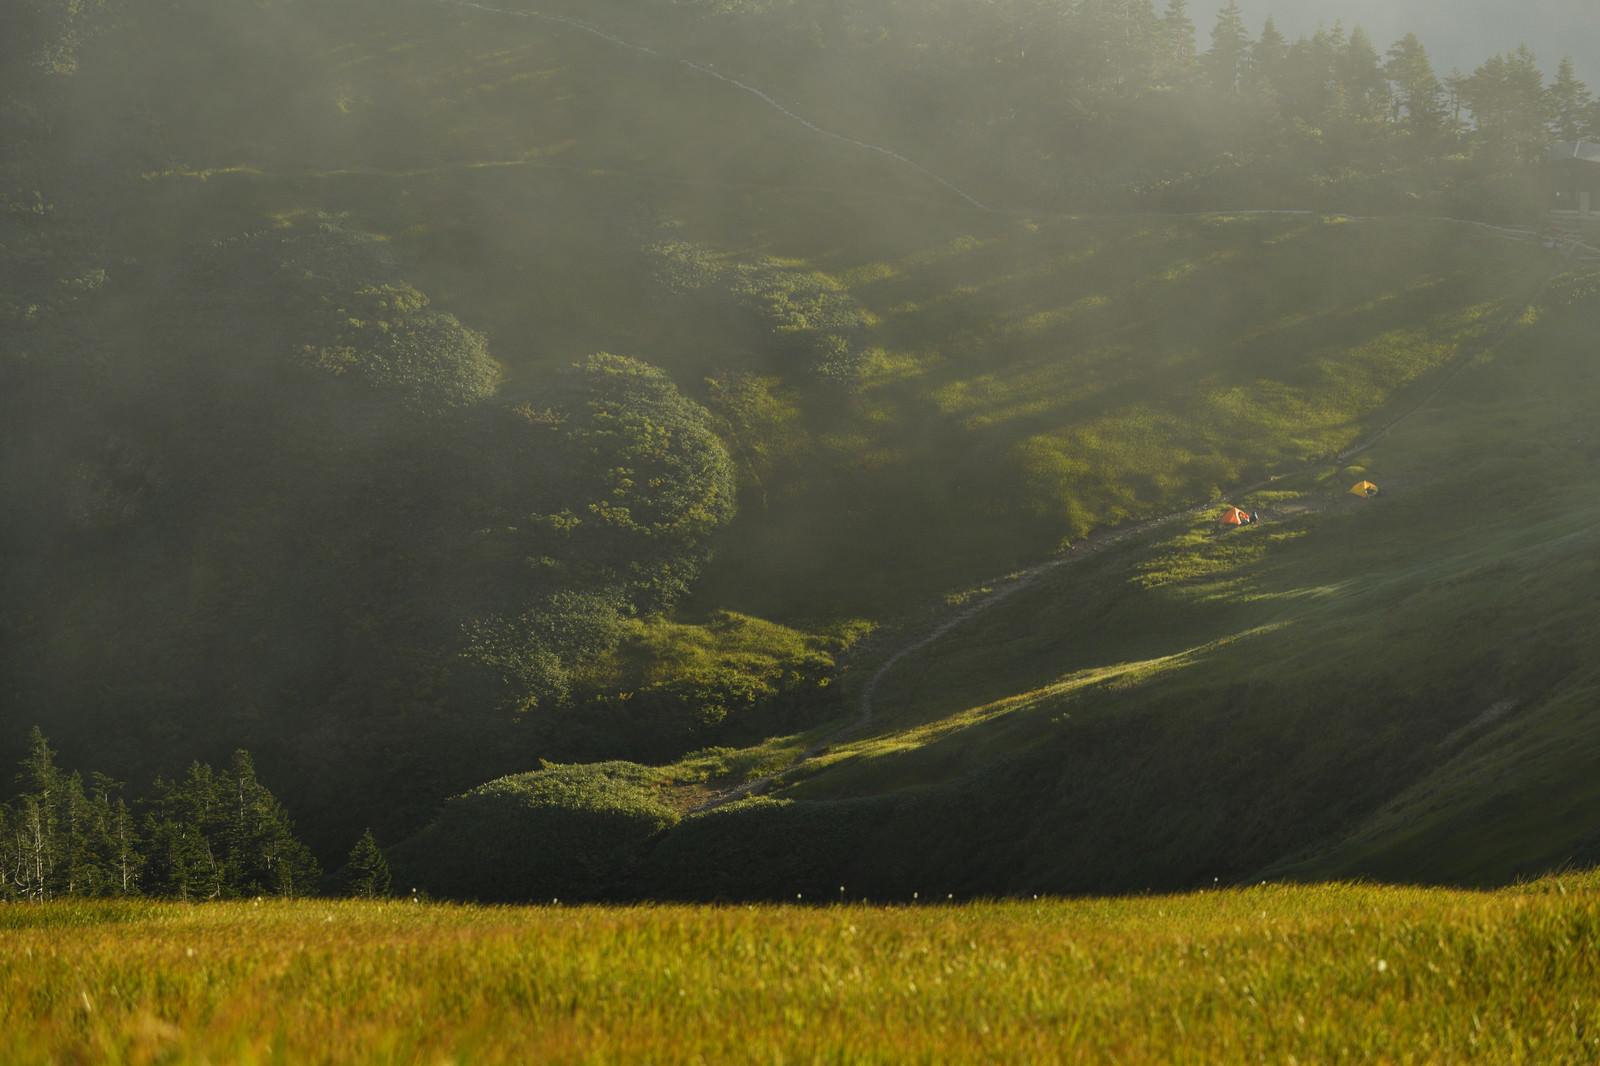 「草紅葉と夕日に伸びる影」の写真